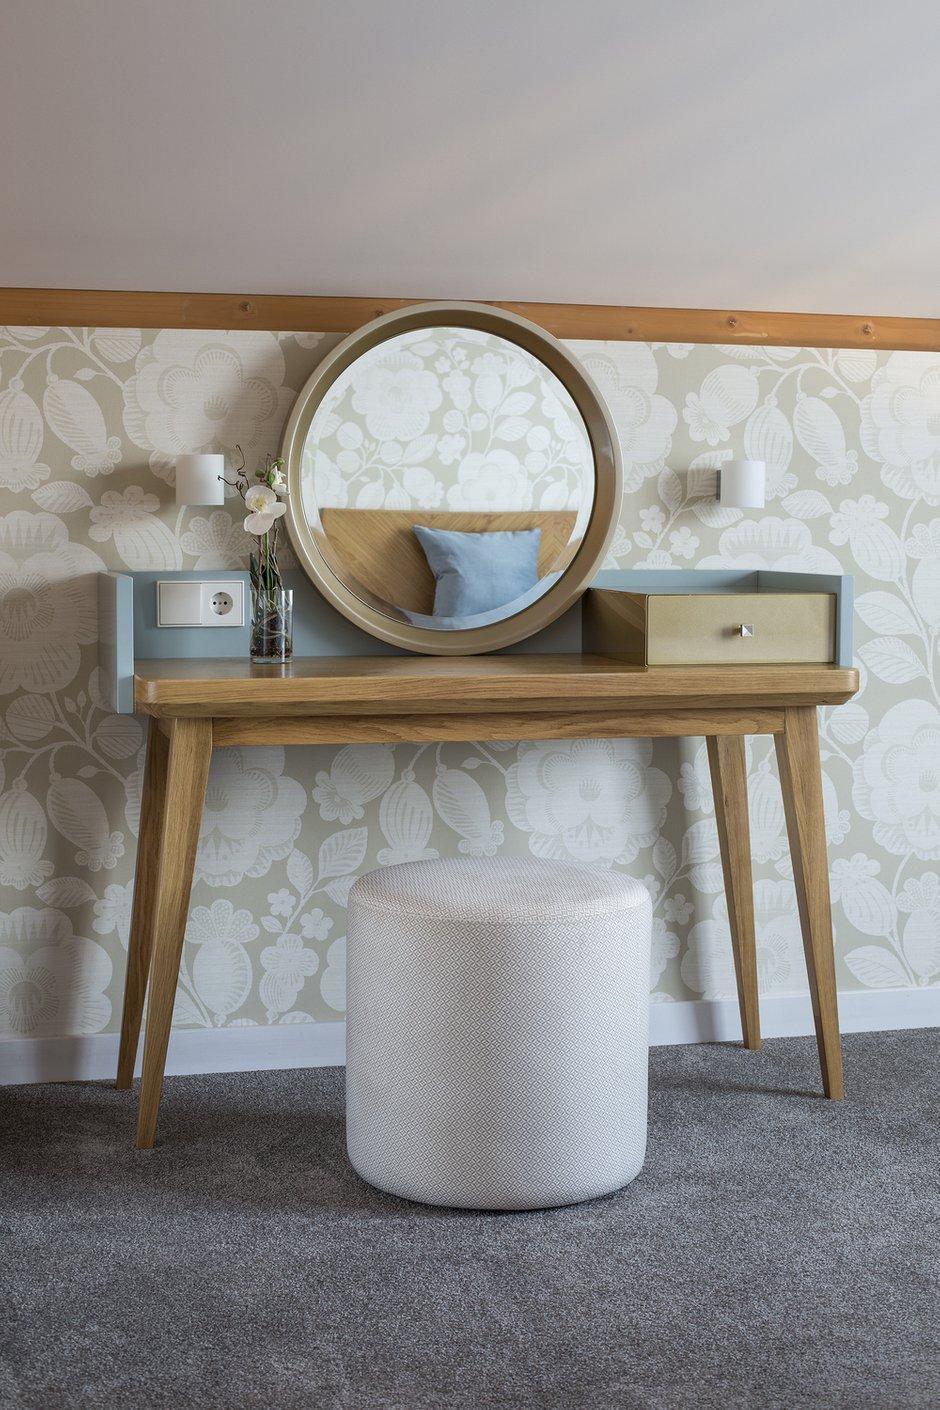 Фотография: Спальня в стиле Современный, Дом, 4 и больше, Более 90 метров, Студия TS Design, #эксклюзивныепроекты – фото на INMYROOM